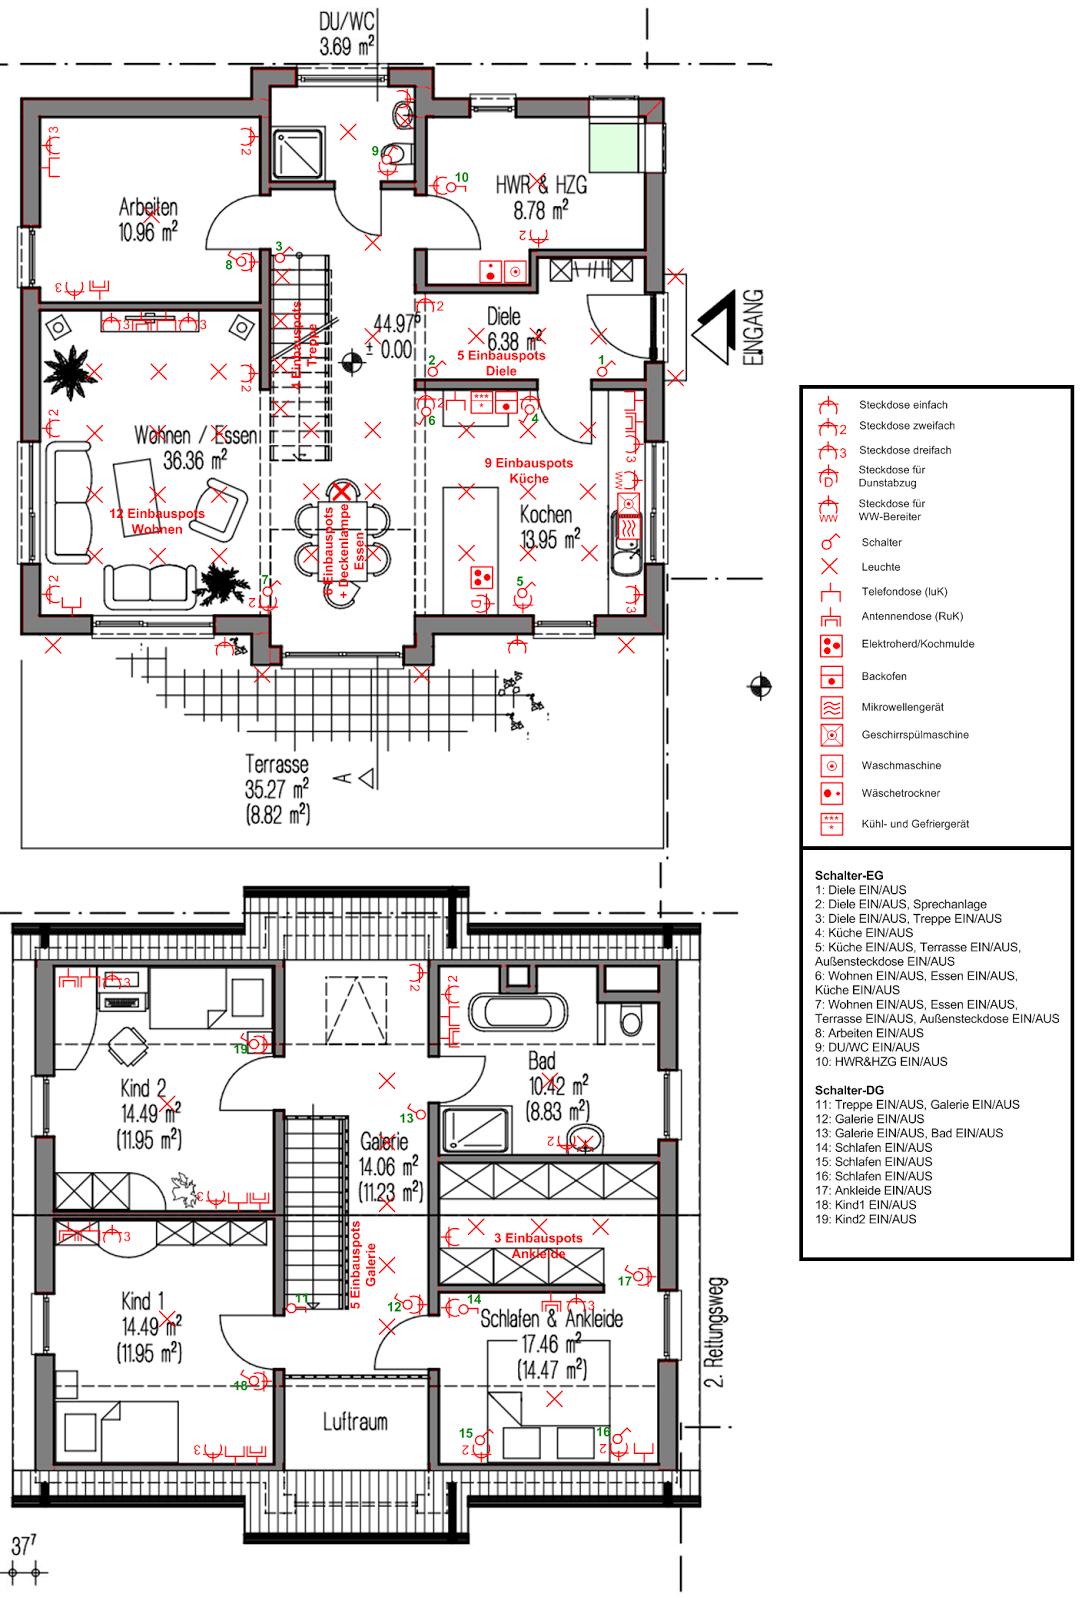 kasia irek wir bauen unser traumhaus elektroplanung und haussteuerung. Black Bedroom Furniture Sets. Home Design Ideas